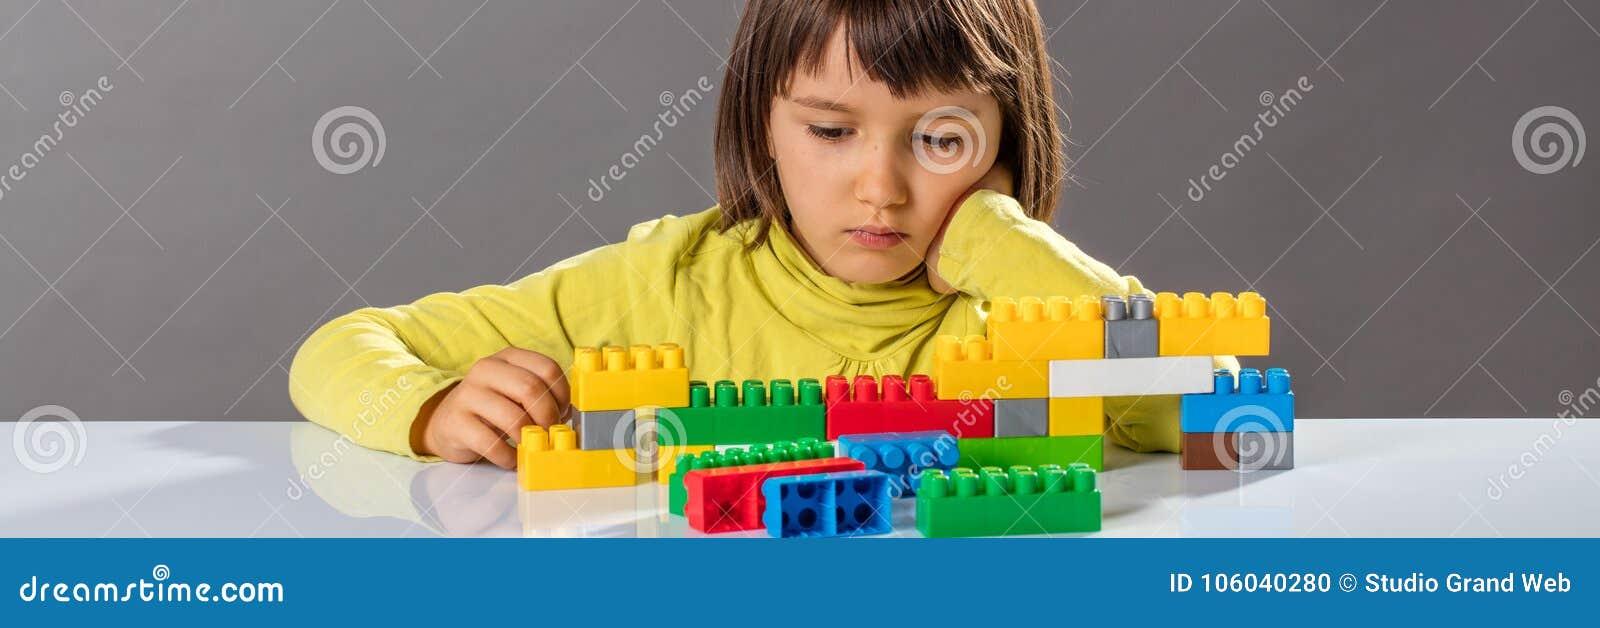 Fundersamt litet barn som ser hennes byggnadstegelstenar med fantasi